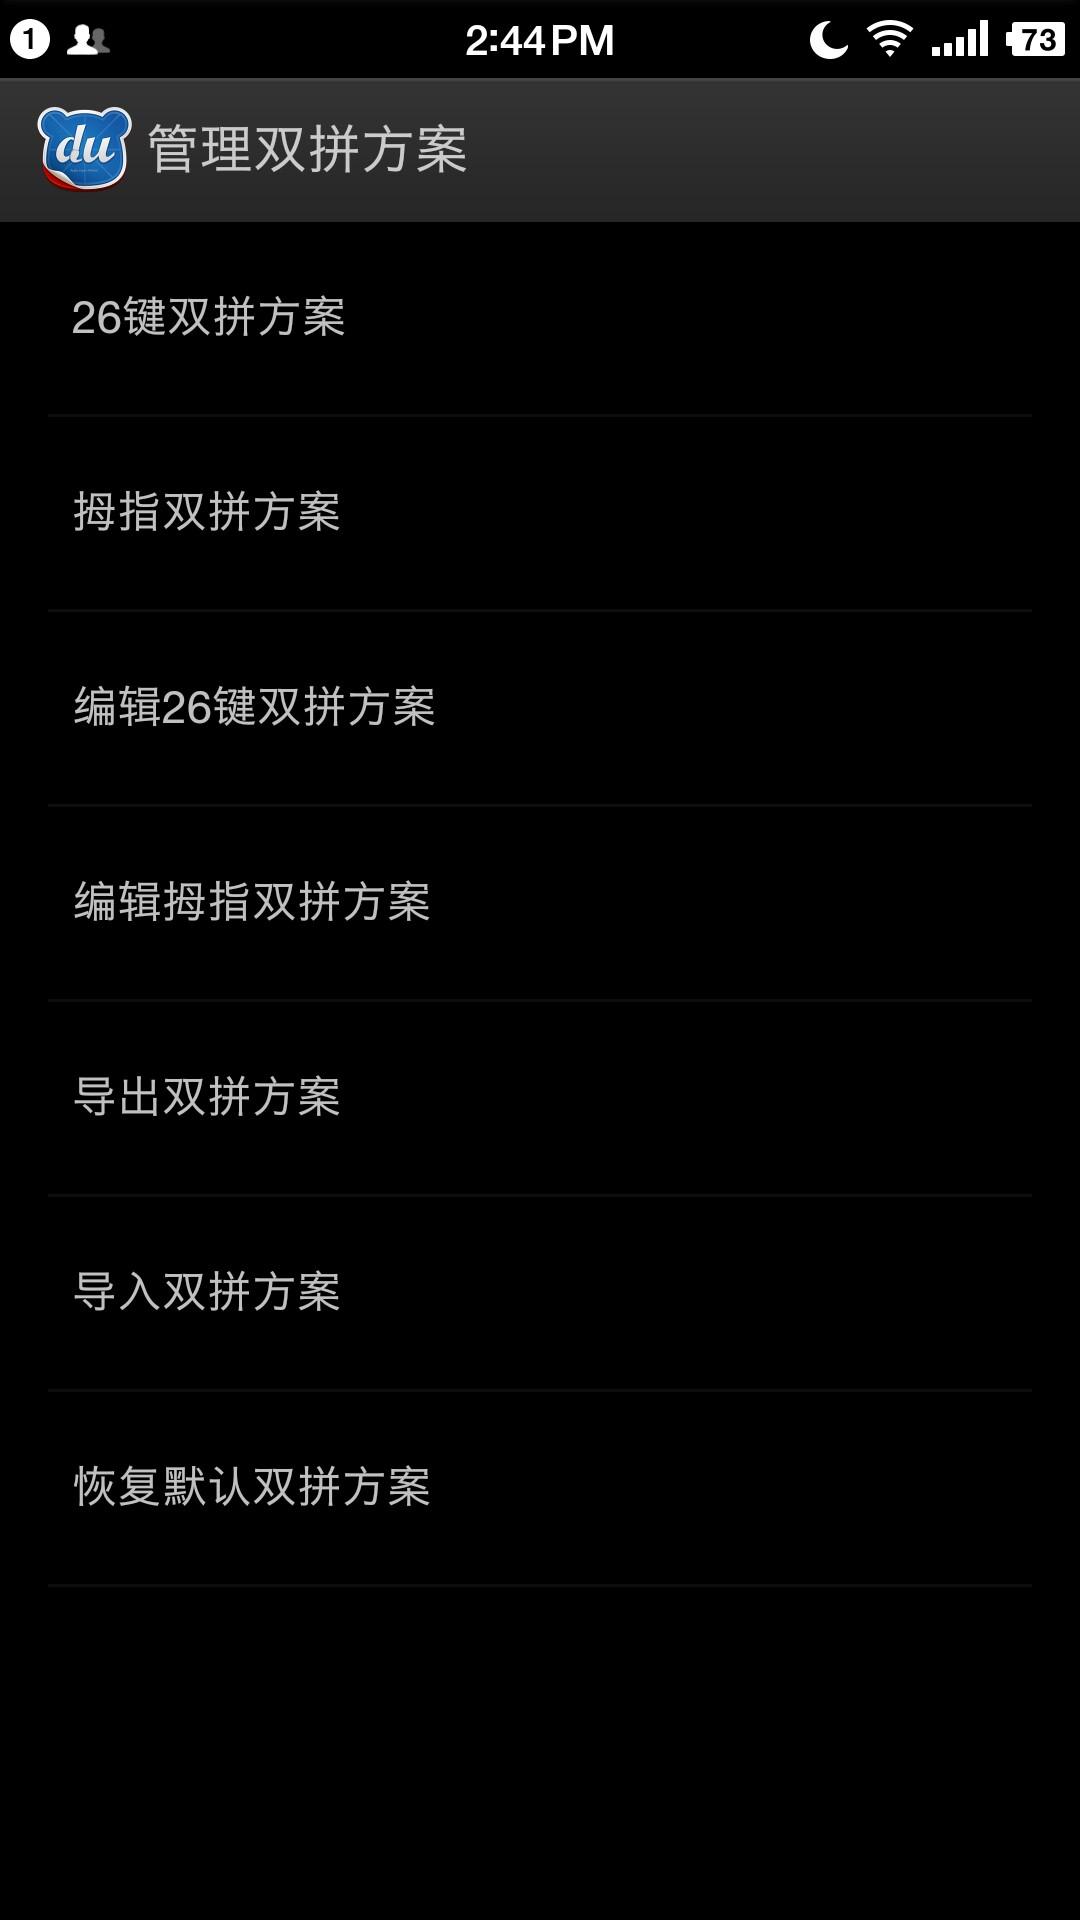 Screenshot_2016-08-03-14-44-50-923_?????_compress.png